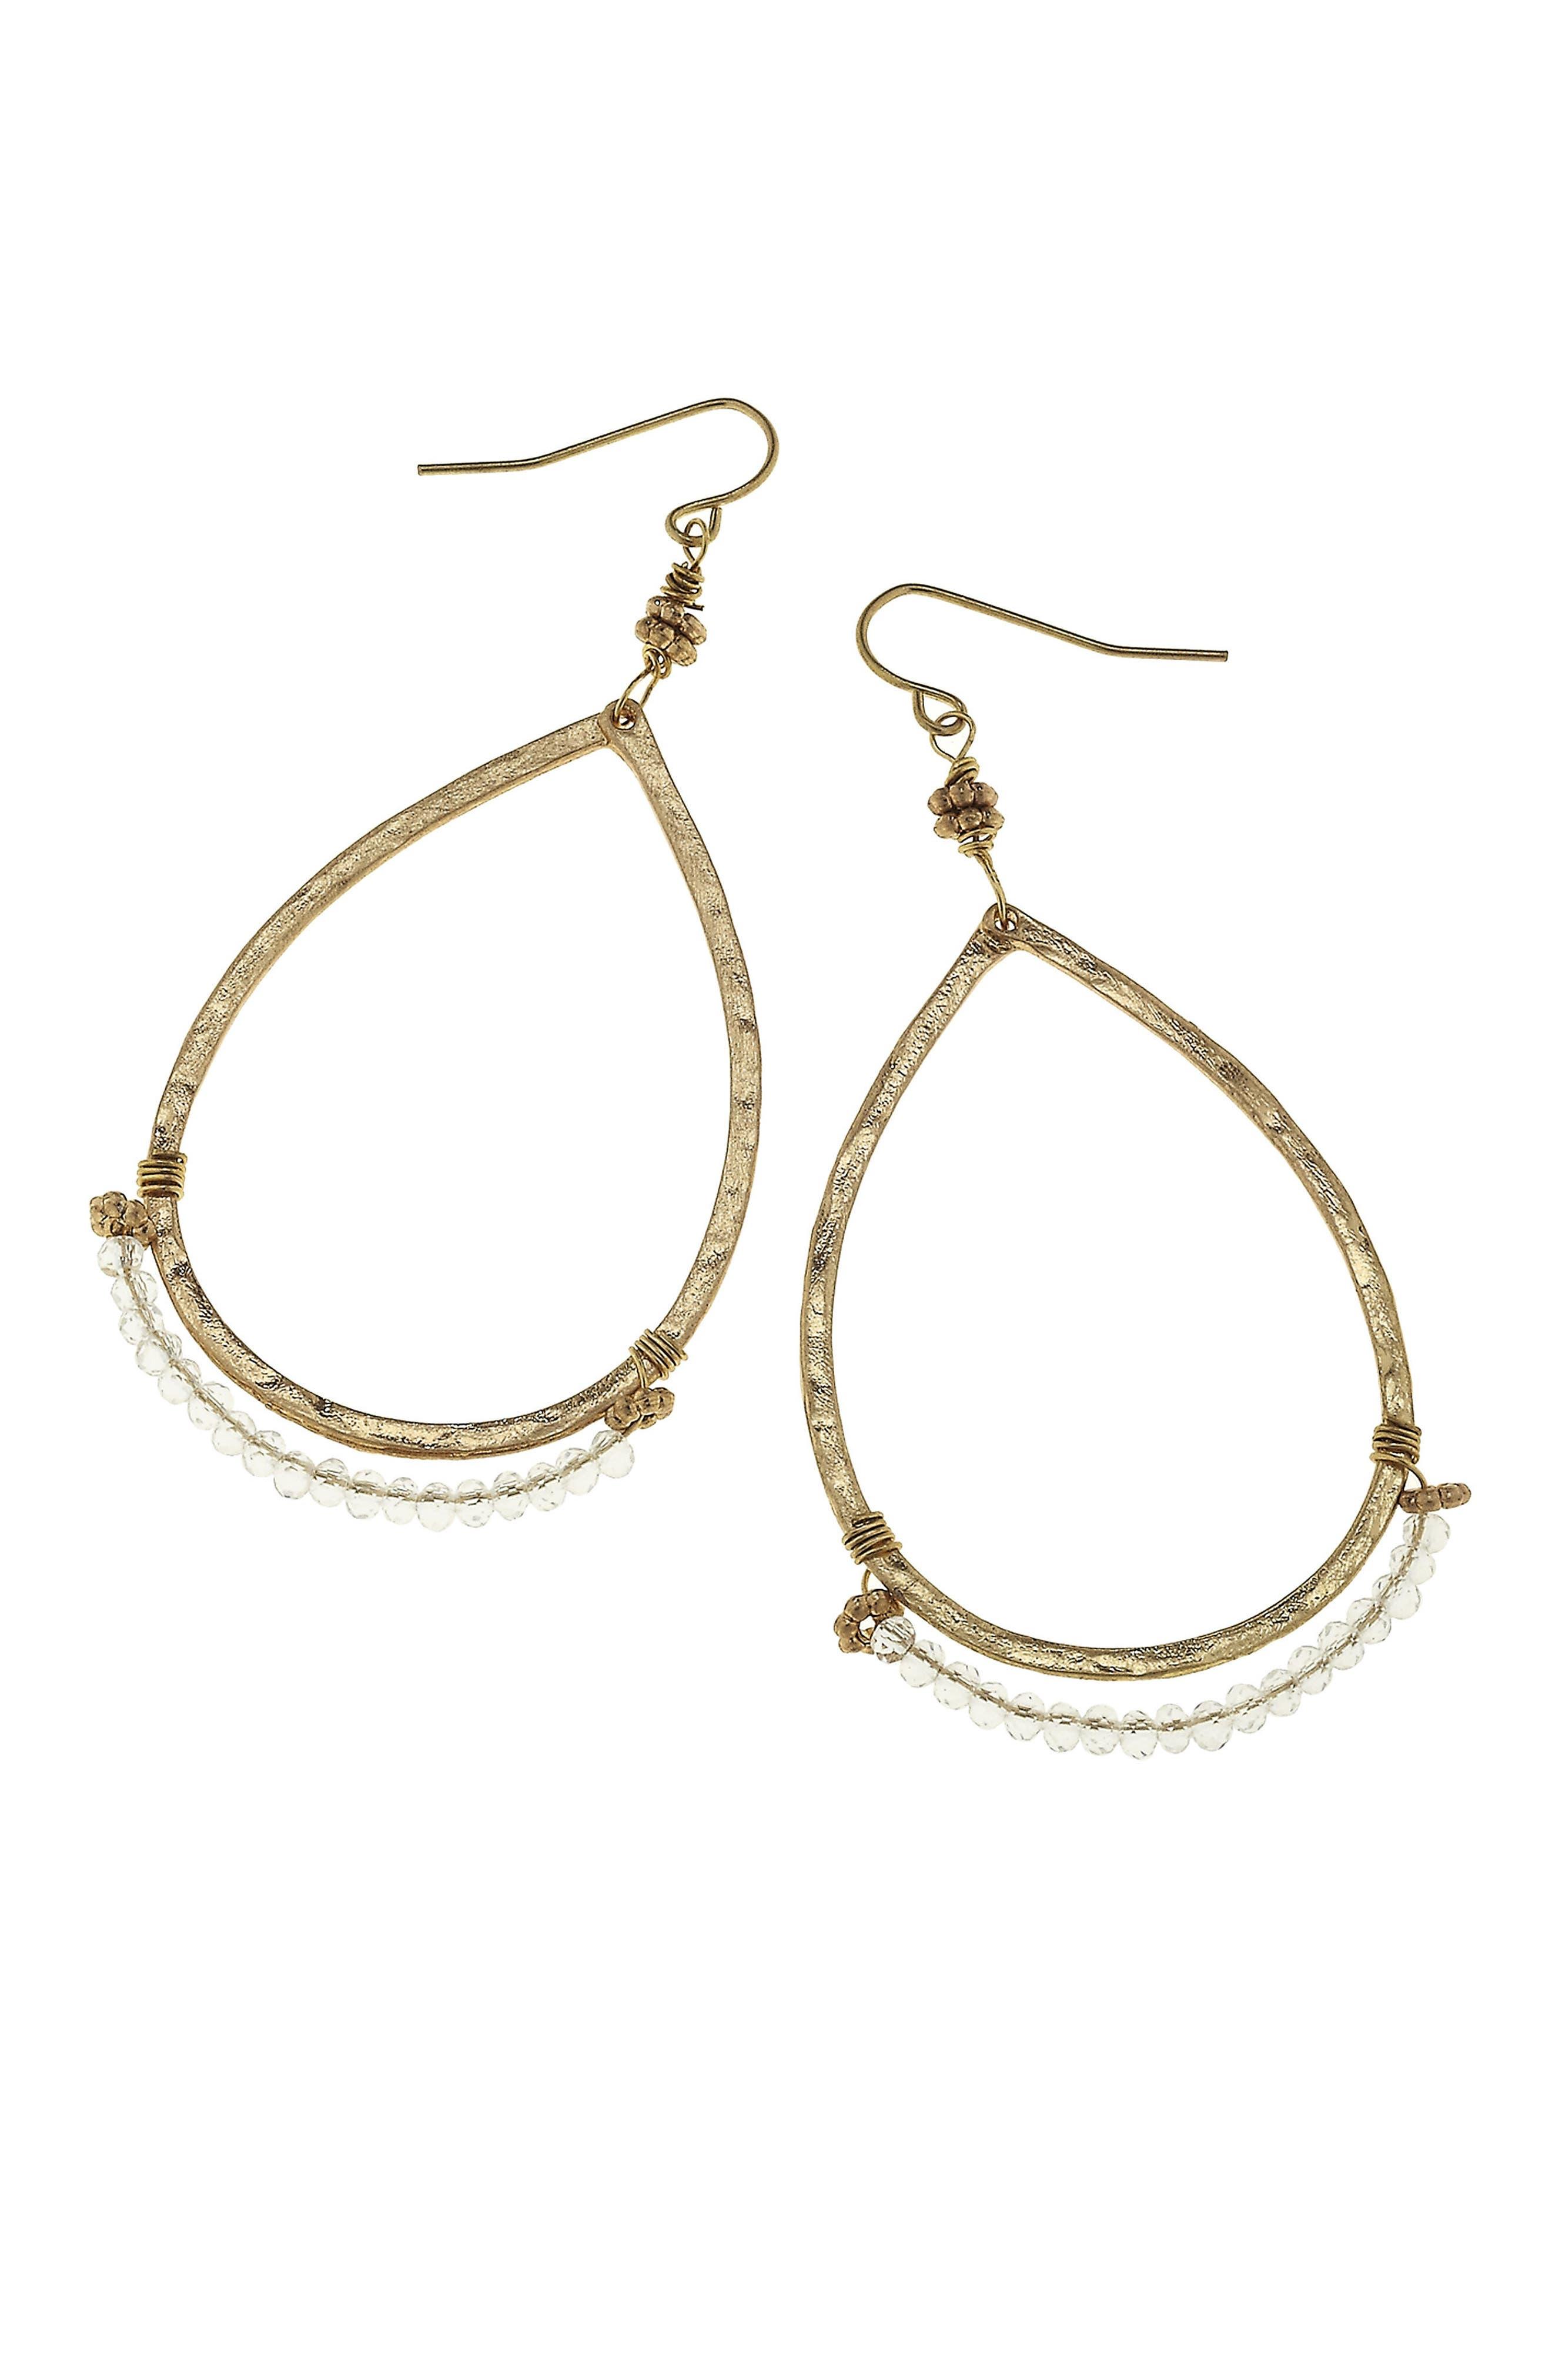 CANVAS JEWELRY Beaded Teardrop Earrings